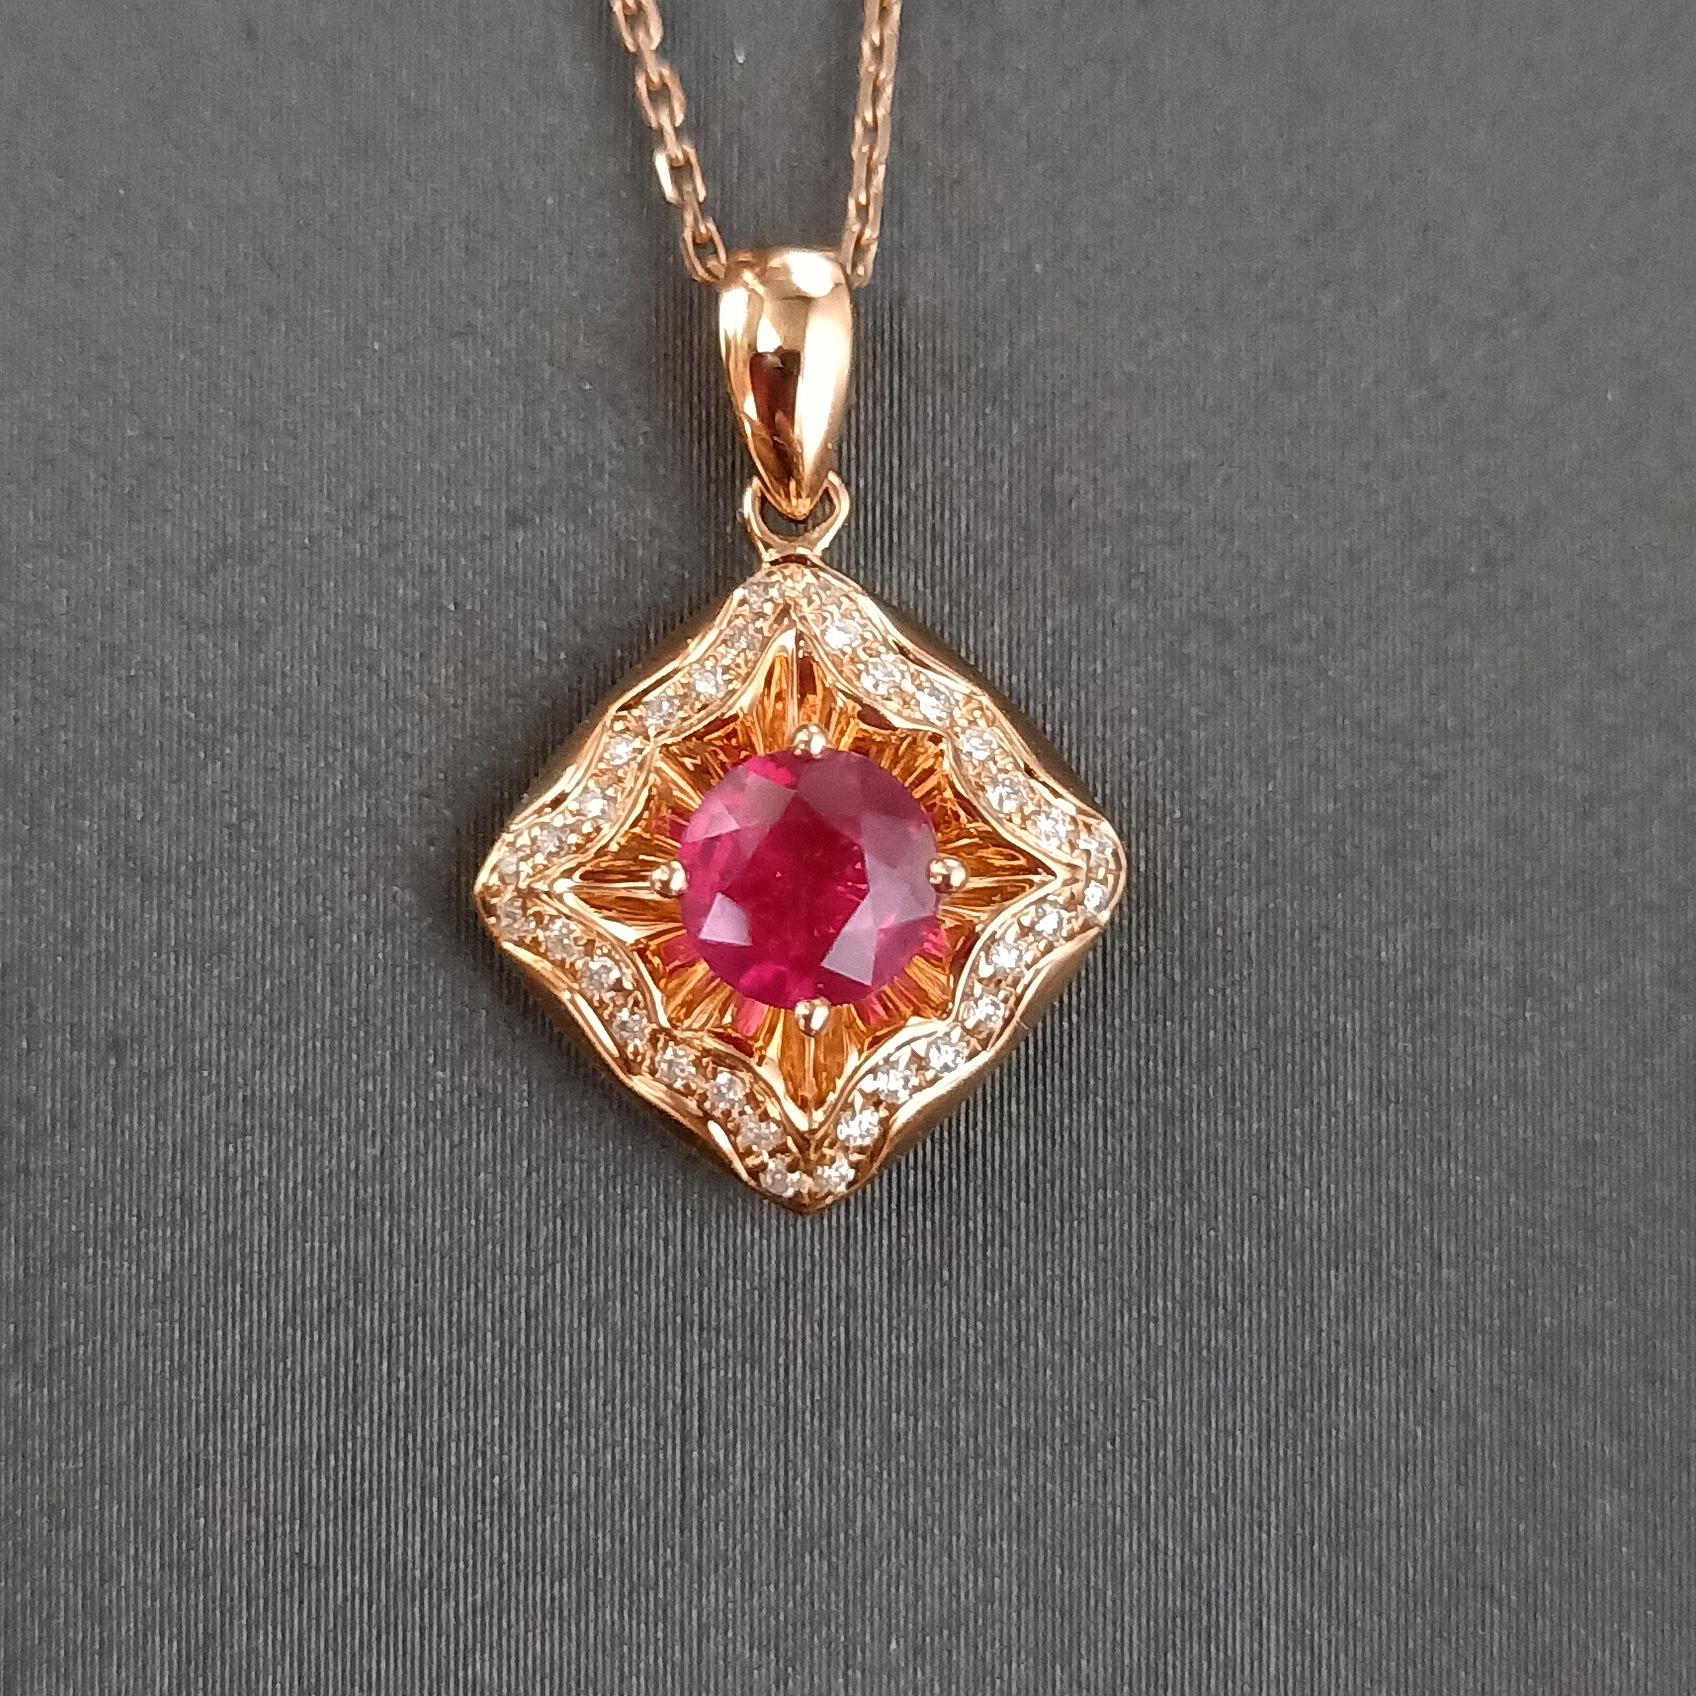 【吊坠】18K金+红宝石+钻石 宝石颜色纯正 主石:0.54ct/1P 货重:2.23g